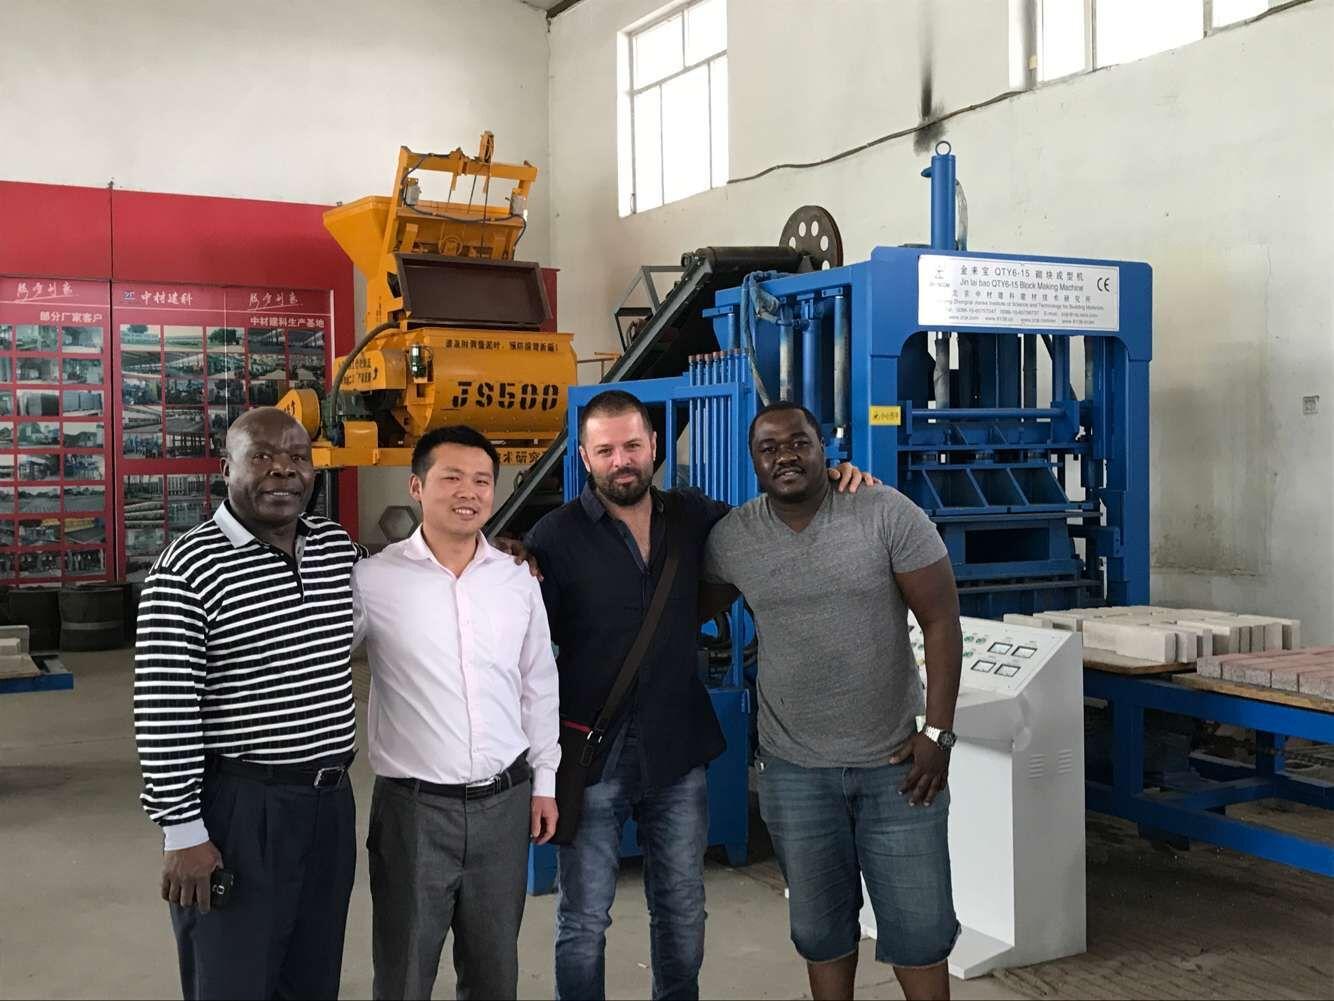 Bloque de ZCJK que hace a cliente de la máquina en la embajada de Uganda